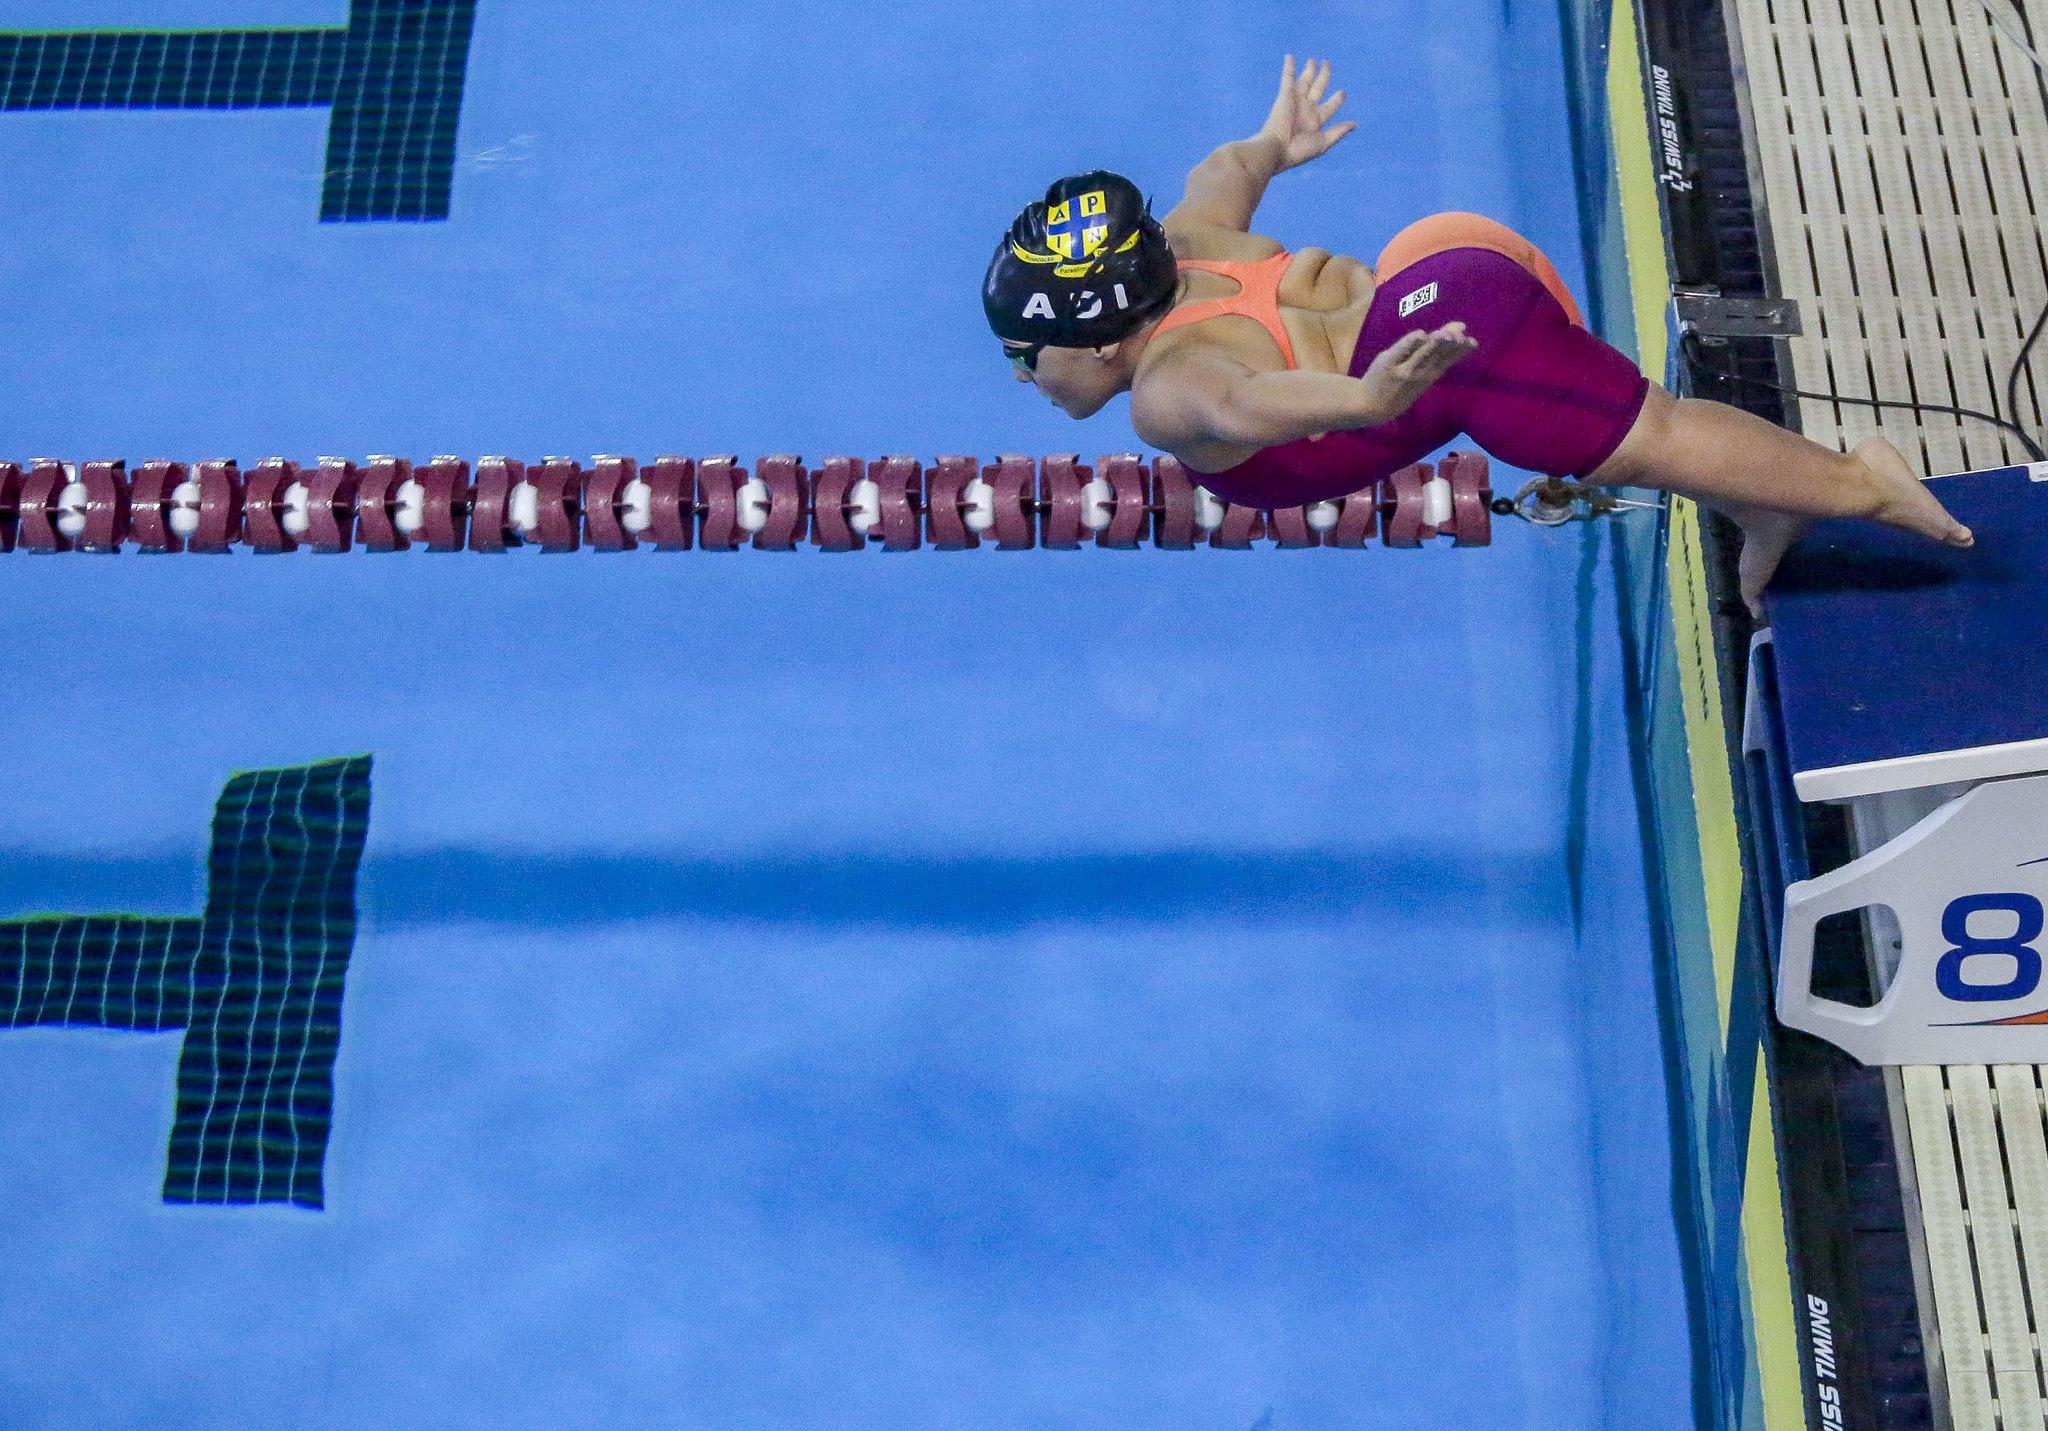 Foto da pequena Esthe vista do alto, pulando em direção à piscina. Ela uma um maiô laranja e roxo a touca de natação.